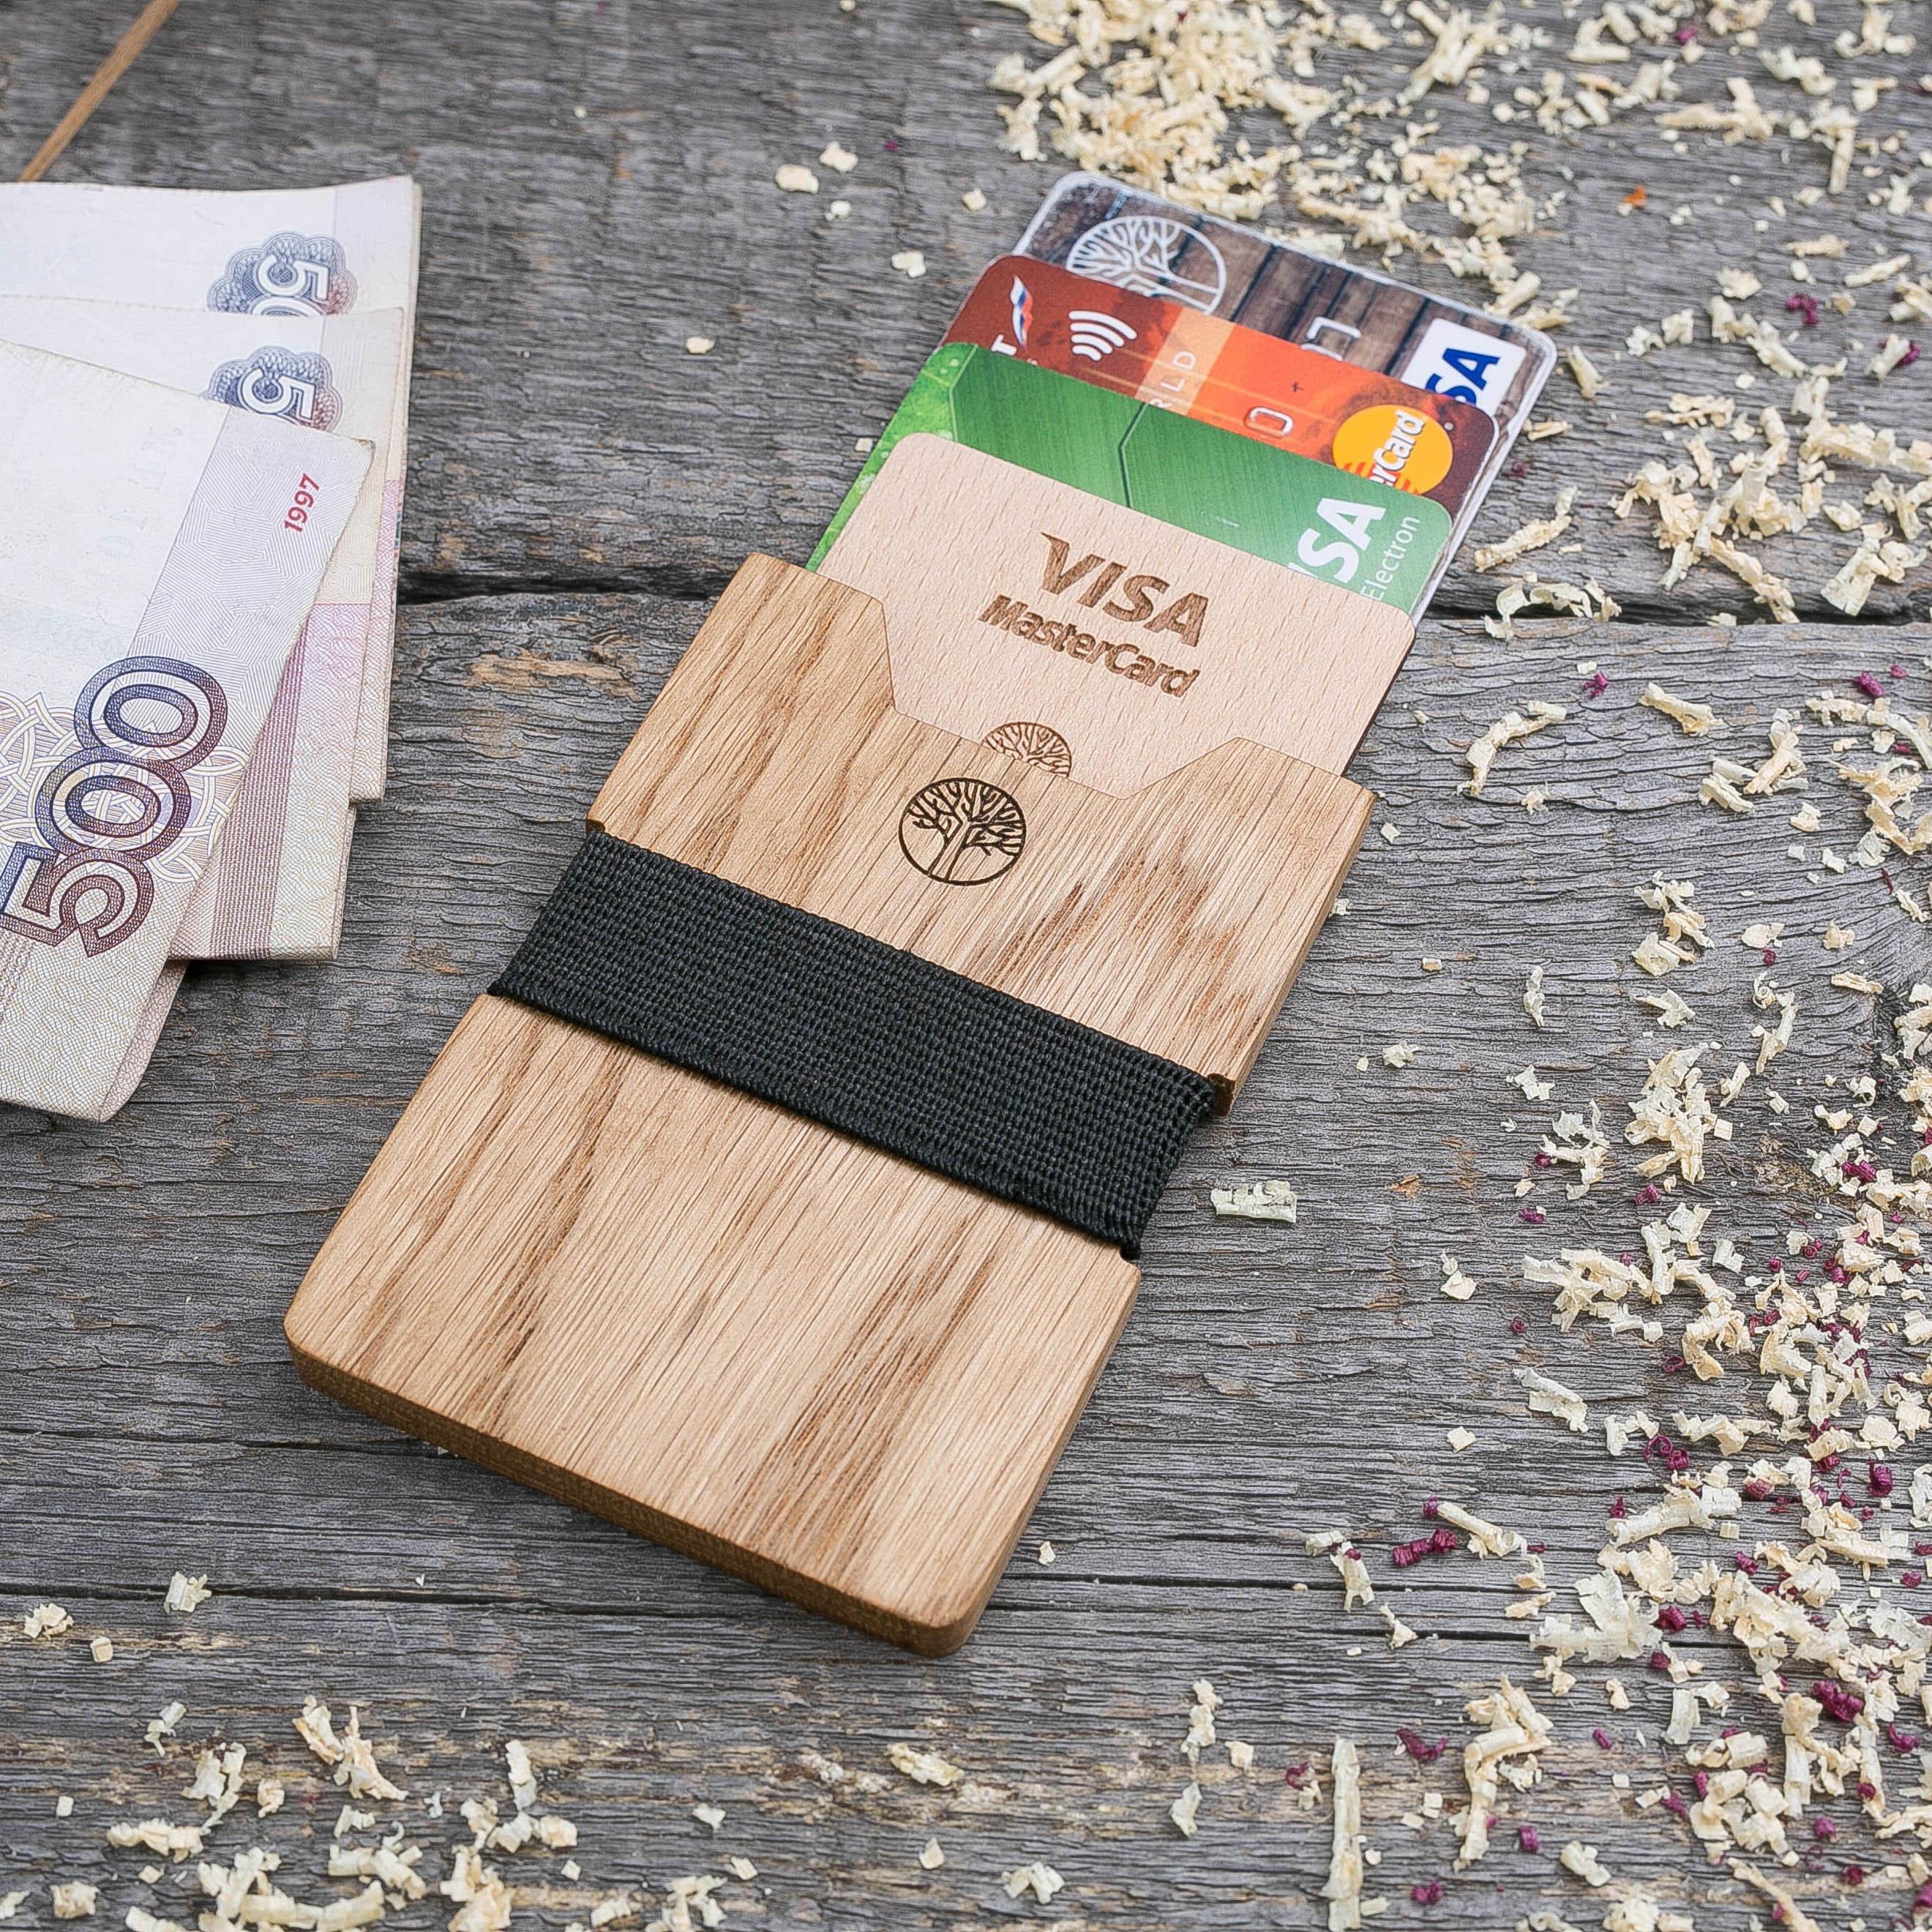 Деревянный кошелек  из дуба. Вертикальная загрузка. Для 1-6 пластиковых карт и купюр. Поддержка Apple Pay. Гравировка имени или логотипа. Бизнес сувенир. Подарок другу. Именной кошелек TwinsWallet-OakV